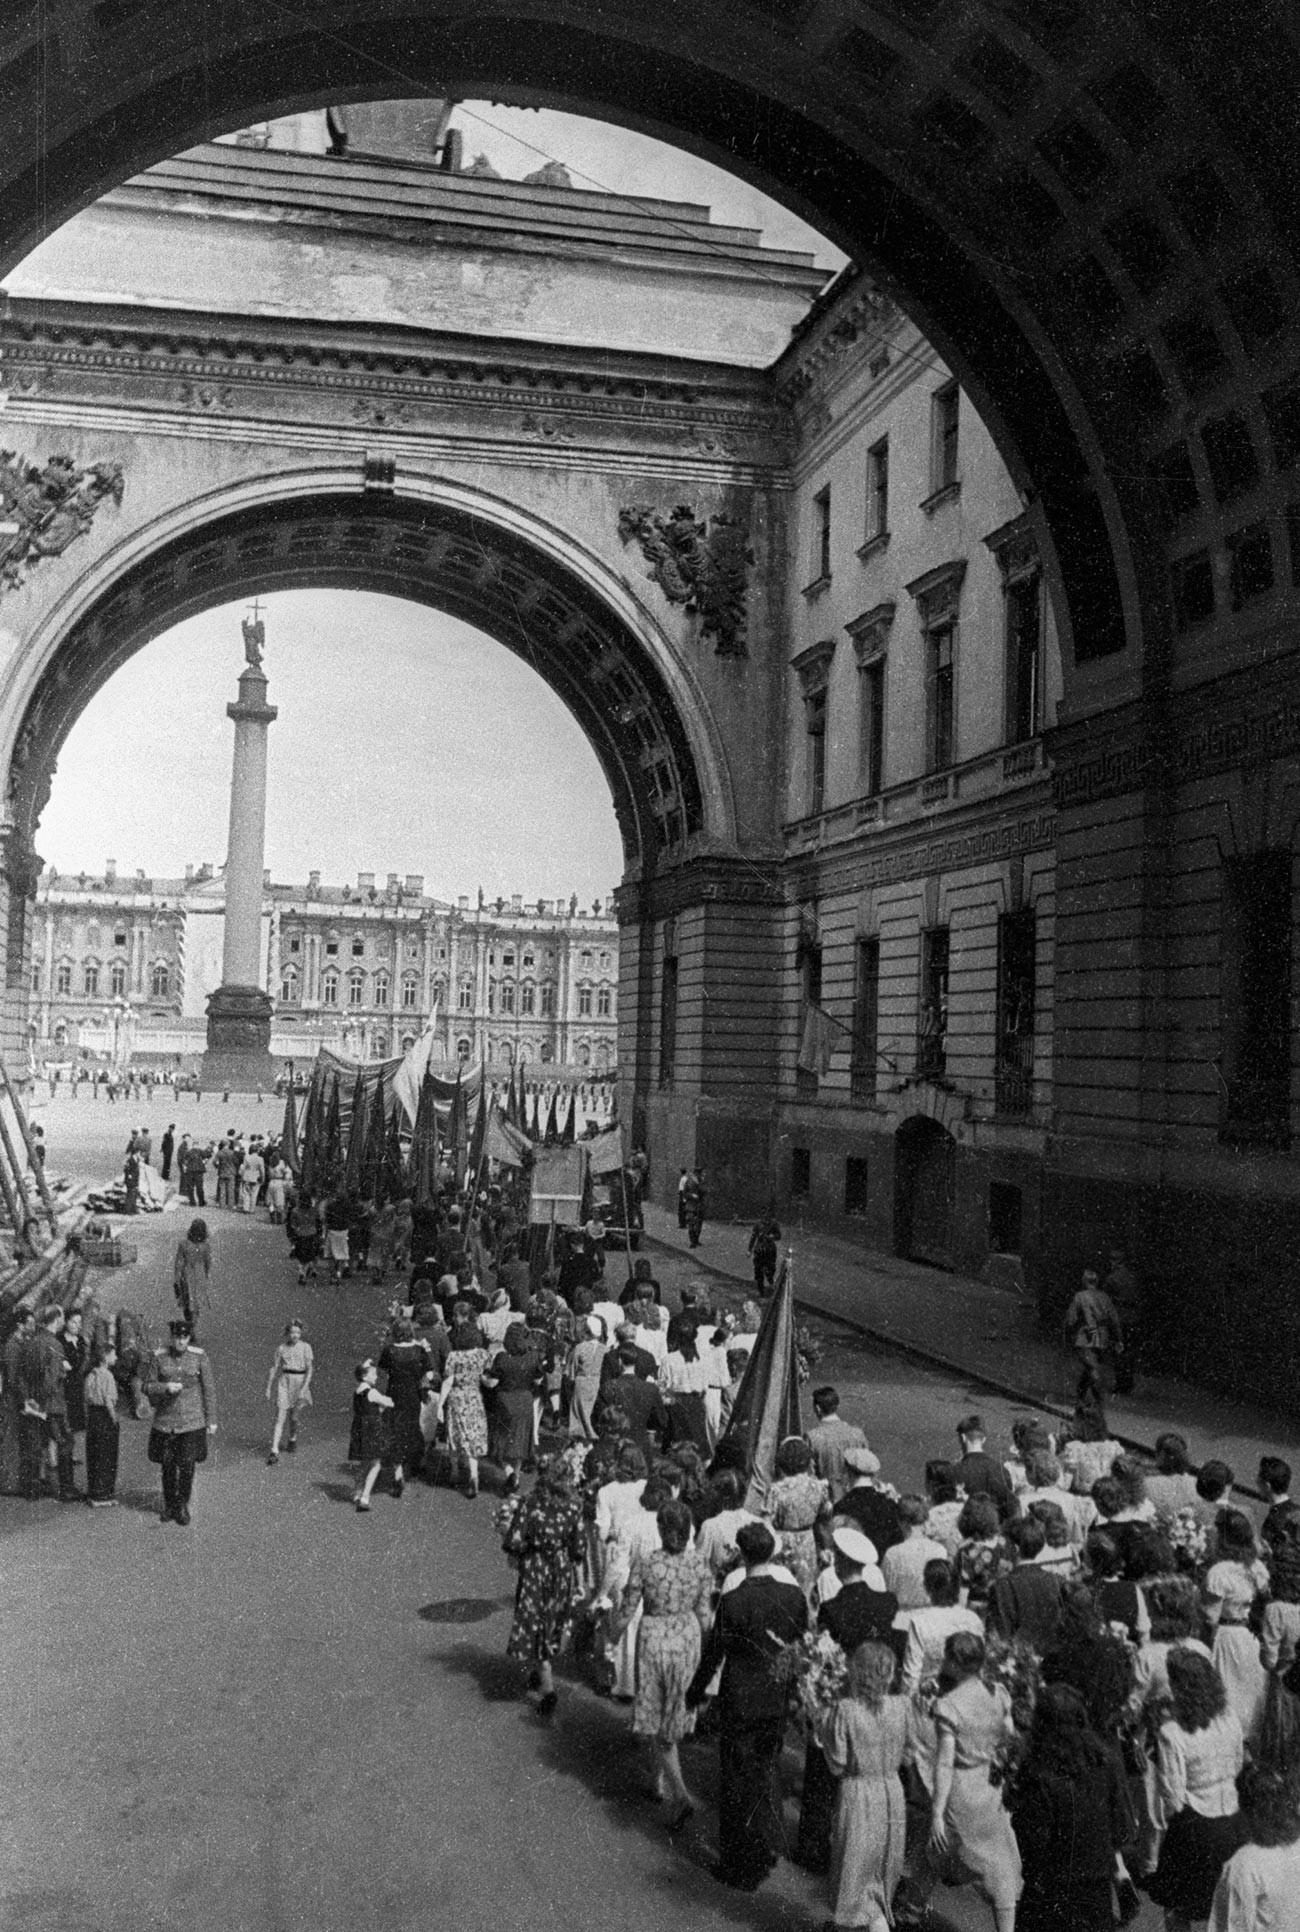 レニングラードの参謀本部のアーチの下に行進するデモ参加者